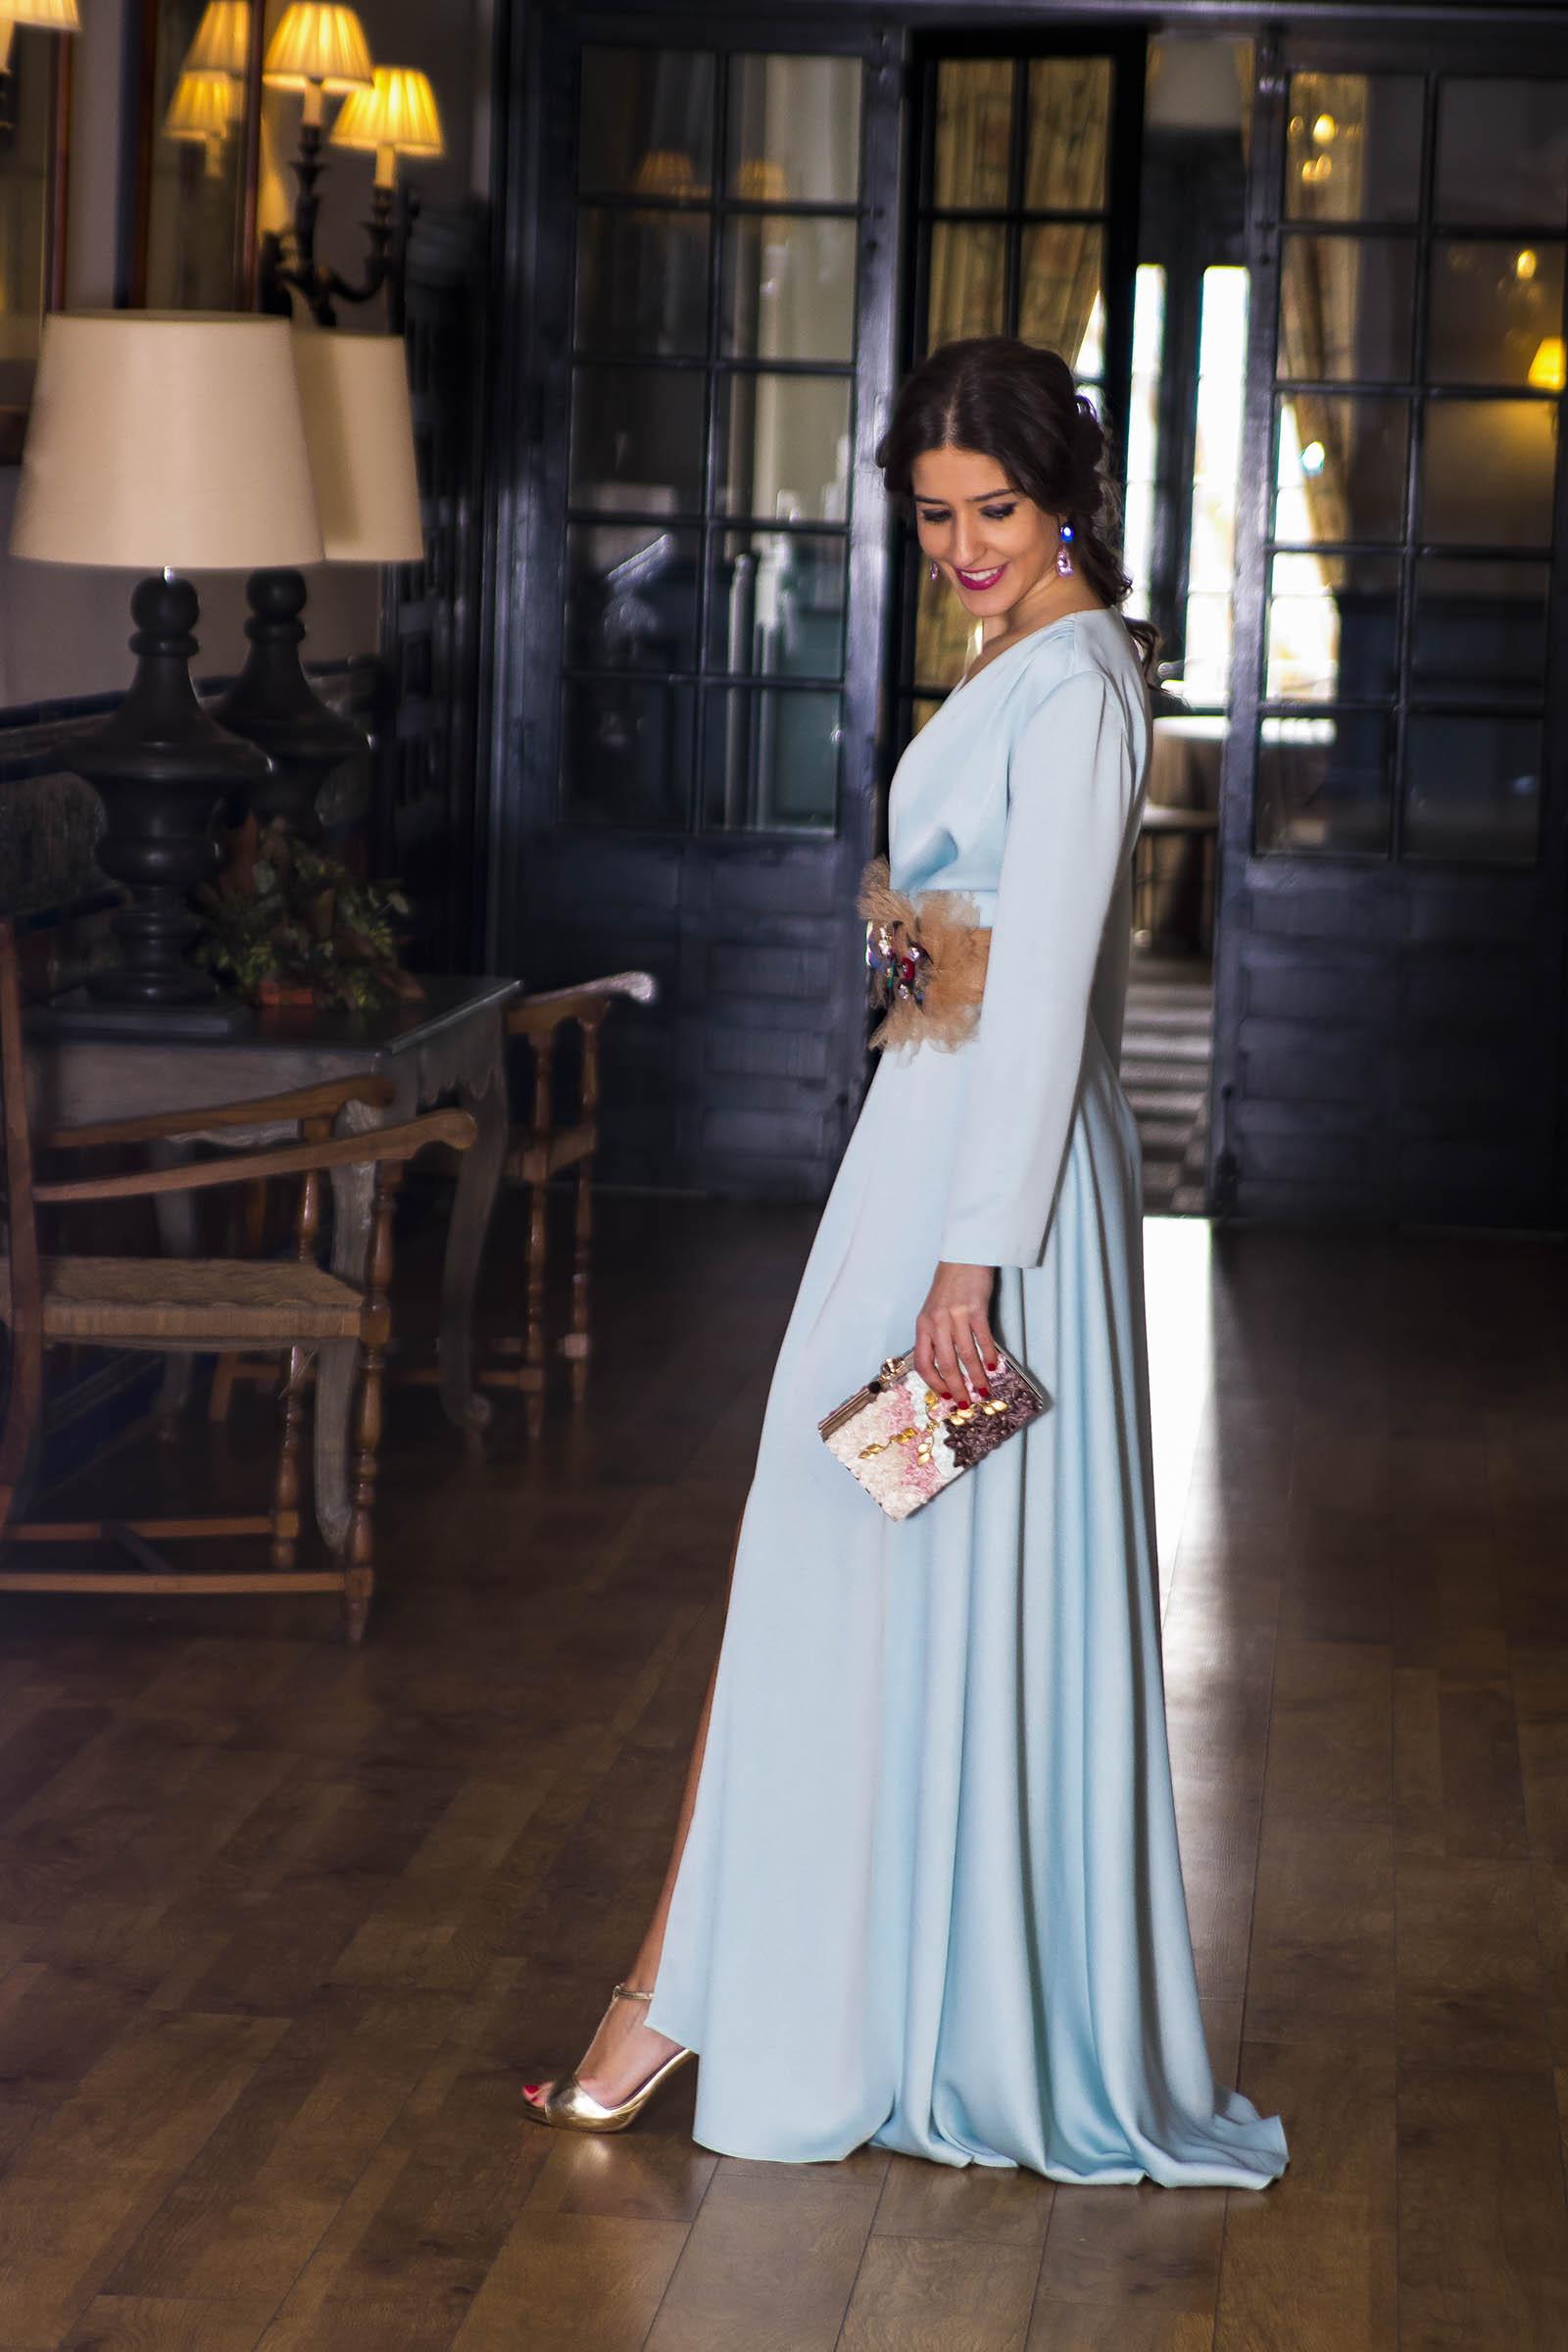 9cf7fc924 Vestido Invitada boda noche Matilde Cano 4. 5 febrero, 2017. Inviitada boda  noche azul Matilde Cano